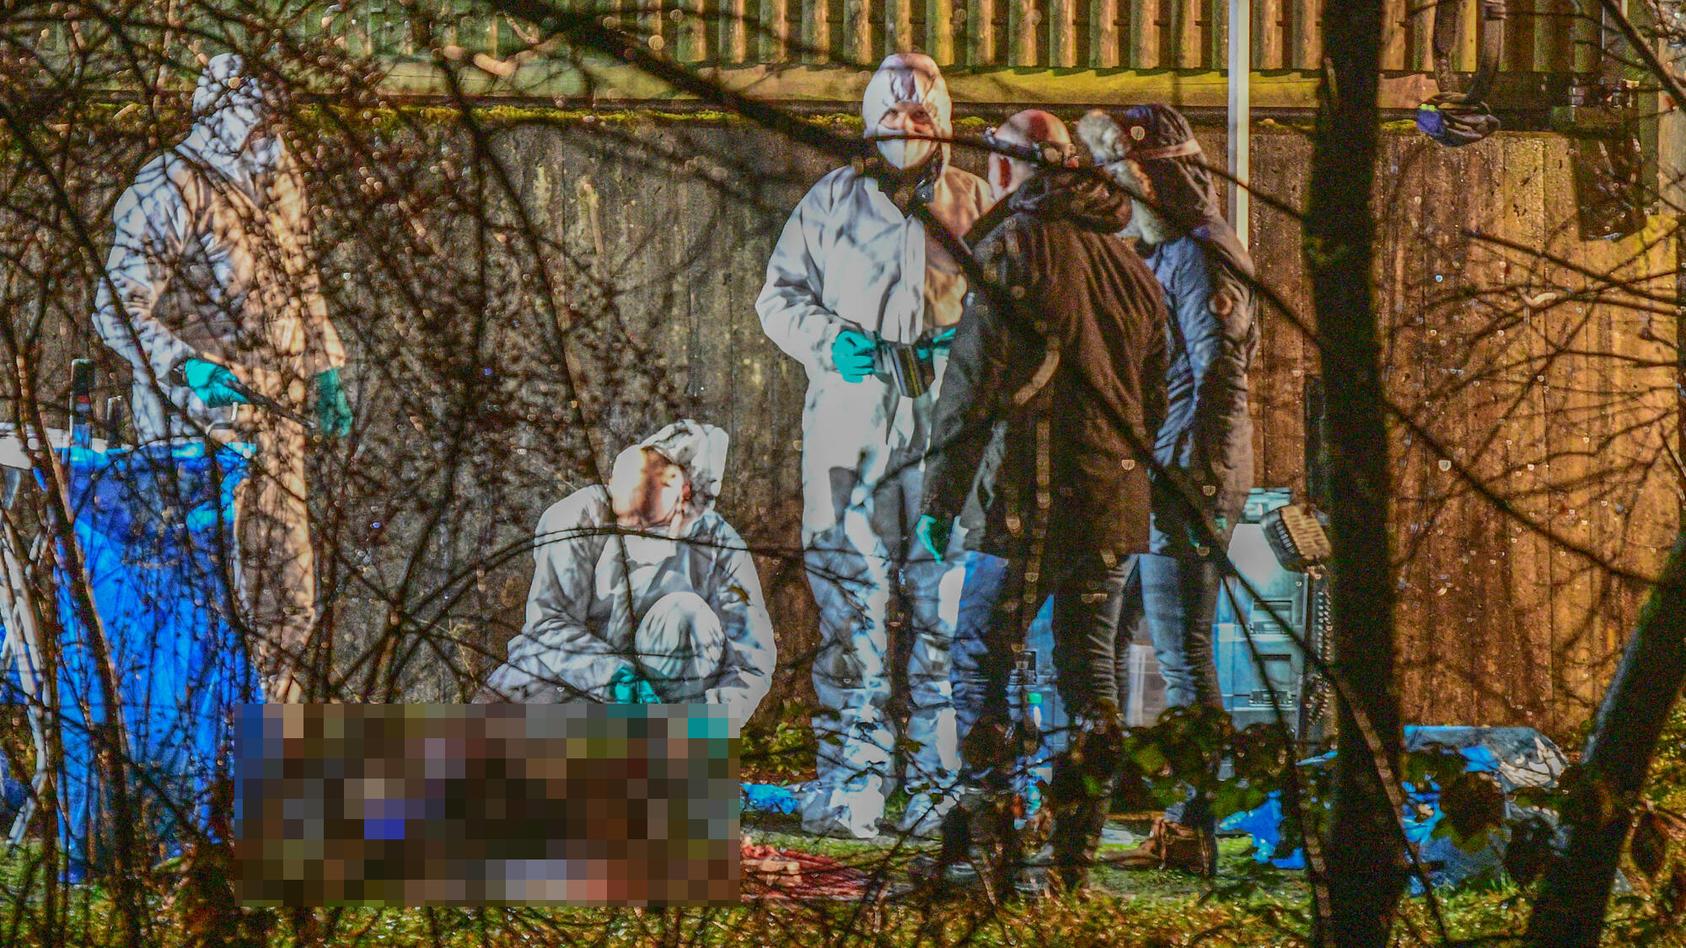 Ein Mann wird bei einem Spaziergang mit seiner Ehefrau brutal erschlagen. Die Täter sind auf der Flucht.